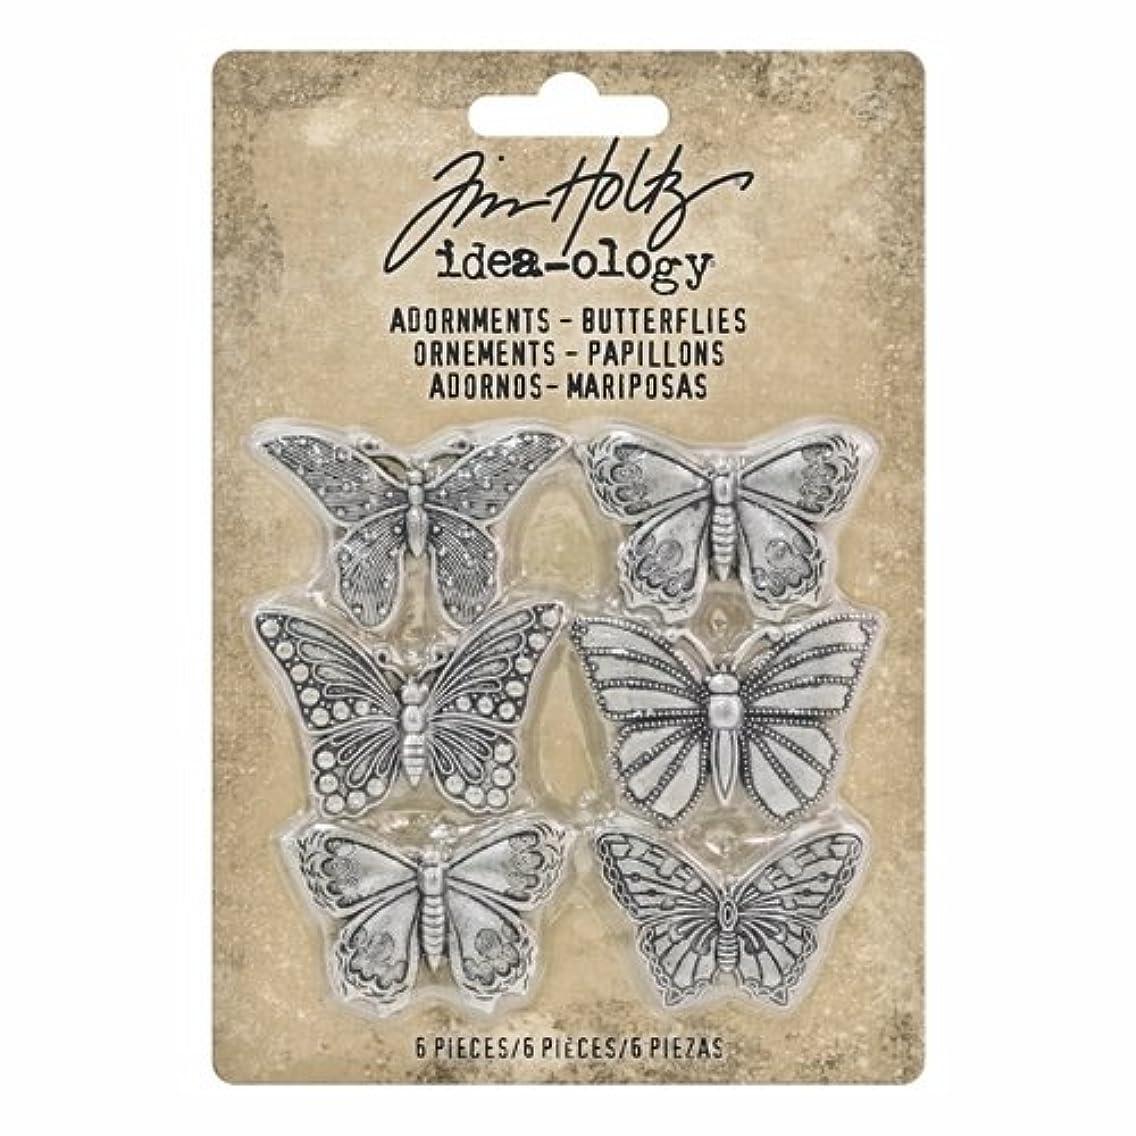 Tim Holtz Idea-ology, Adornments Butterflies upbnsml50